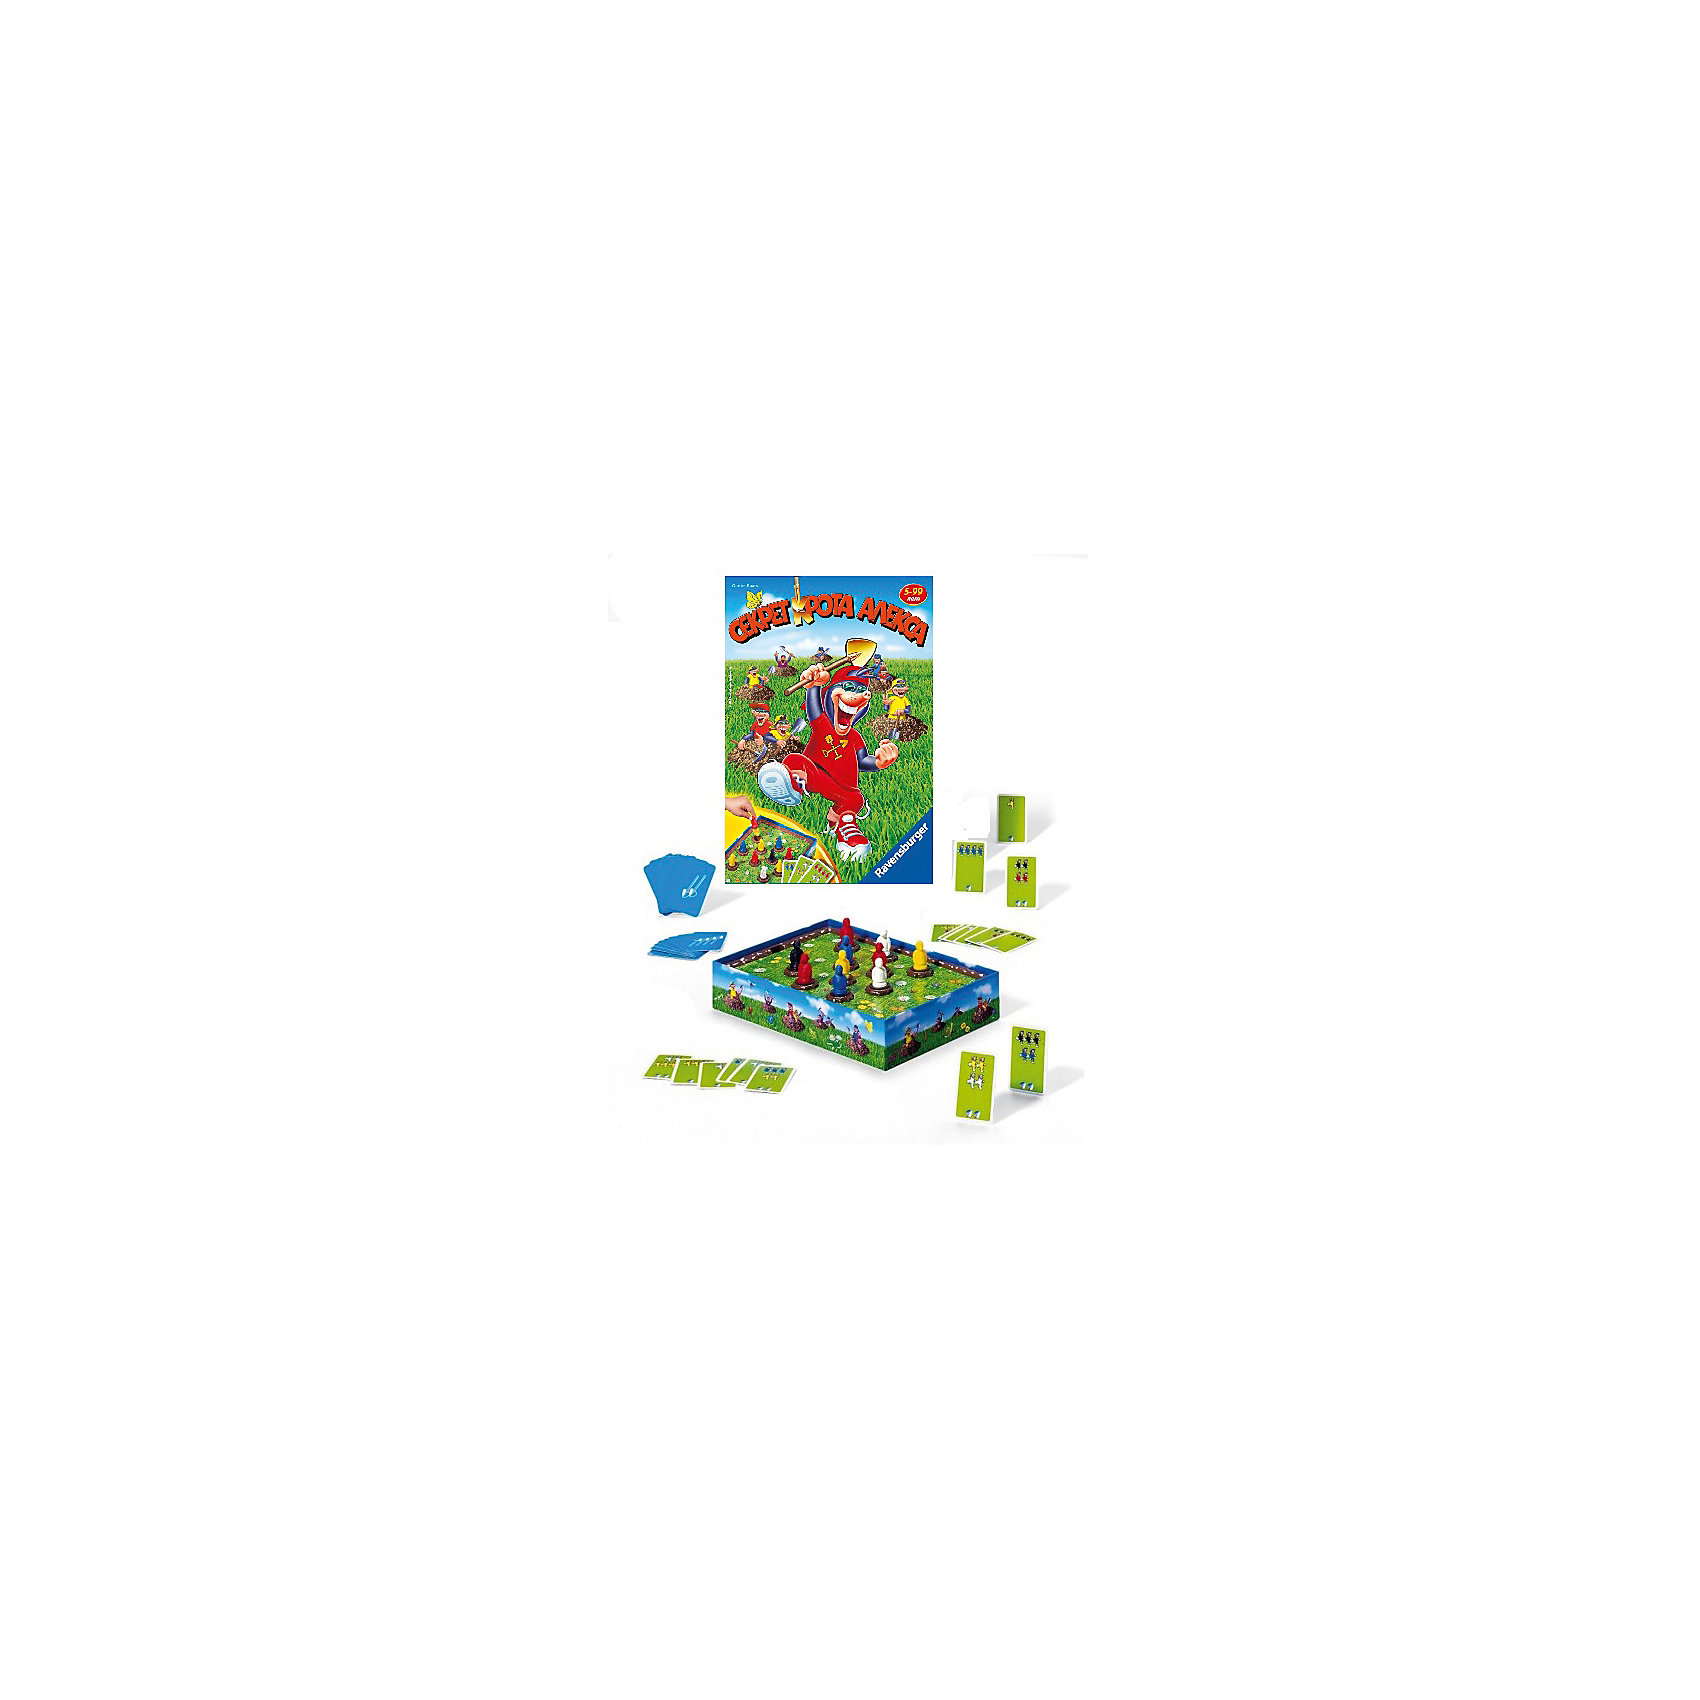 Игра Секрет крота Алекса, RavensburgerНастольные игры для всей семьи<br>Игра Секрет крота Алекса, Ravensburger (Равенсбургер) – это увлекательная настольная игра для семейного досуга.<br>Цель игры: отыскать необходимое количество кротов разных цветов на поле. Игроки в произвольном порядке расставляют кротов на поле и формируют колоду из карточек с заданиями, располагая их в порядке возрастания: одна лопата – легкие задания, три лопаты – сложные, четыре лопаты – задания для профессионалов. За выполнение заданий игроки будут получать не очки, а лопаты, число которых изображено с обратной стороны карточки. Каждый игрок получает по одной карточке задания. Игрок должен постараться перевернуть кротов так, чтобы на поле присутствовало необходимое количество кротов определенного цвета. Игрок обязан сделать ровно три переворота фишек. Игрок, выполнивший задание оставляет у себя карточку, берет новую и передает ход следующему игроку. Игрок, не сумевший за три переворота выполнить условие на карточке, также передает ход, но свое задание он будет исполнять снова, когда до него дойдет ход. Цель игры - выполнить как можно больше заданий и получить больше всего лопат. Игра развивает память.<br><br>Дополнительная информация:<br><br>- В комплекте: 10 фигурок кротов, 30 карточек с заданиями, игровое поле, правила игры<br>- Материал: картон, пластик<br>- Количество игроков: от 2 до 6 человек<br>- Продолжительность игры: 20 мин.<br>- Размер коробки: 27,5 x 19,2 x 5,5 см.<br><br>Игру Секрет крота Алекса, Ravensburger (Равенсбургер) можно купить в нашем интернет-магазине.<br><br>Ширина мм: 275<br>Глубина мм: 192<br>Высота мм: 55<br>Вес г: 0<br>Возраст от месяцев: 60<br>Возраст до месяцев: 192<br>Пол: Унисекс<br>Возраст: Детский<br>SKU: 4214569